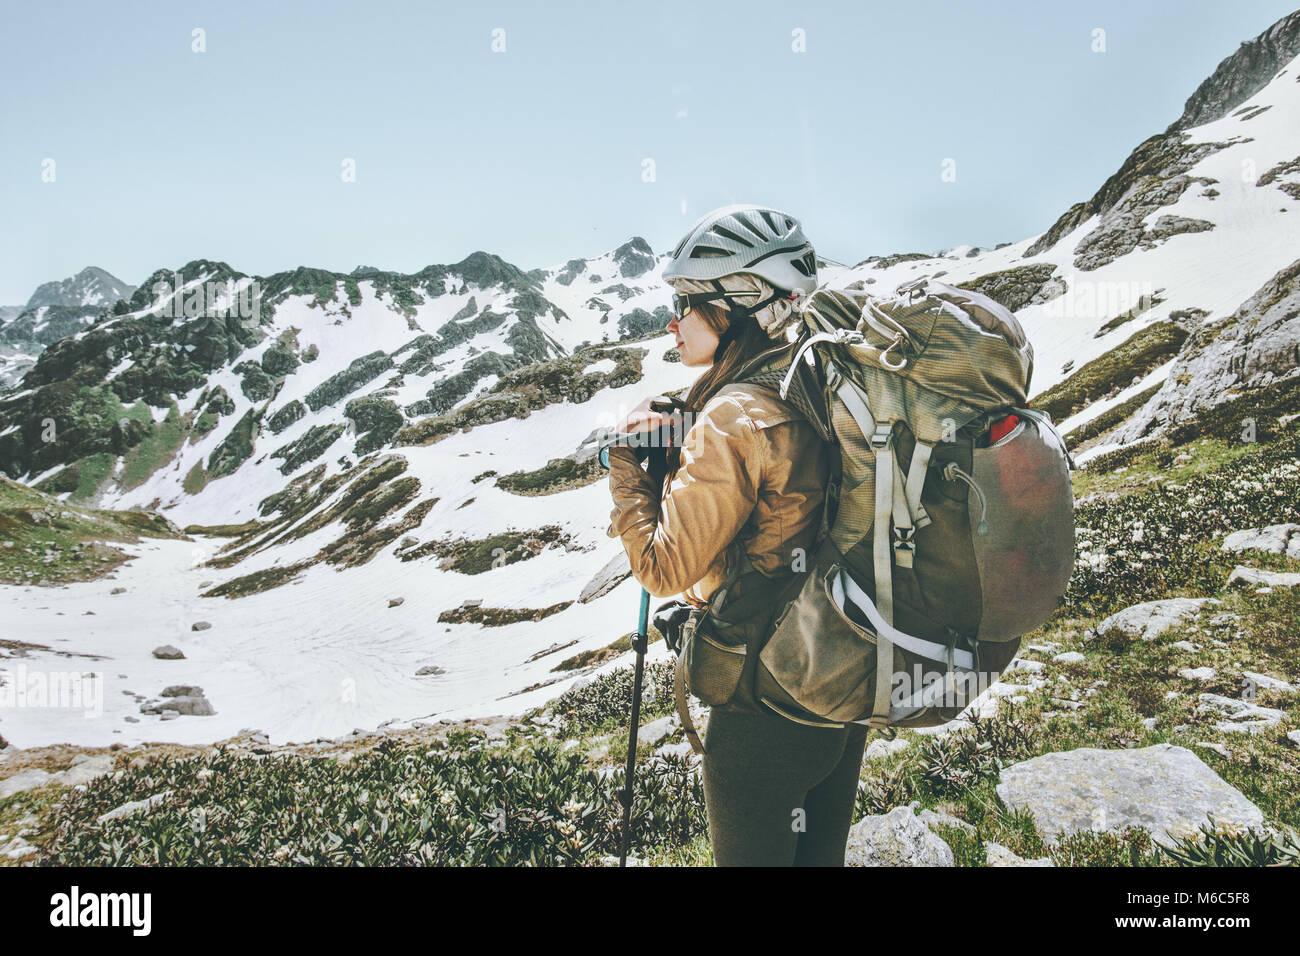 Mujer con mochila de senderismo turístico en las montañas viajando concepto de aventura en el estilo de Imagen De Stock